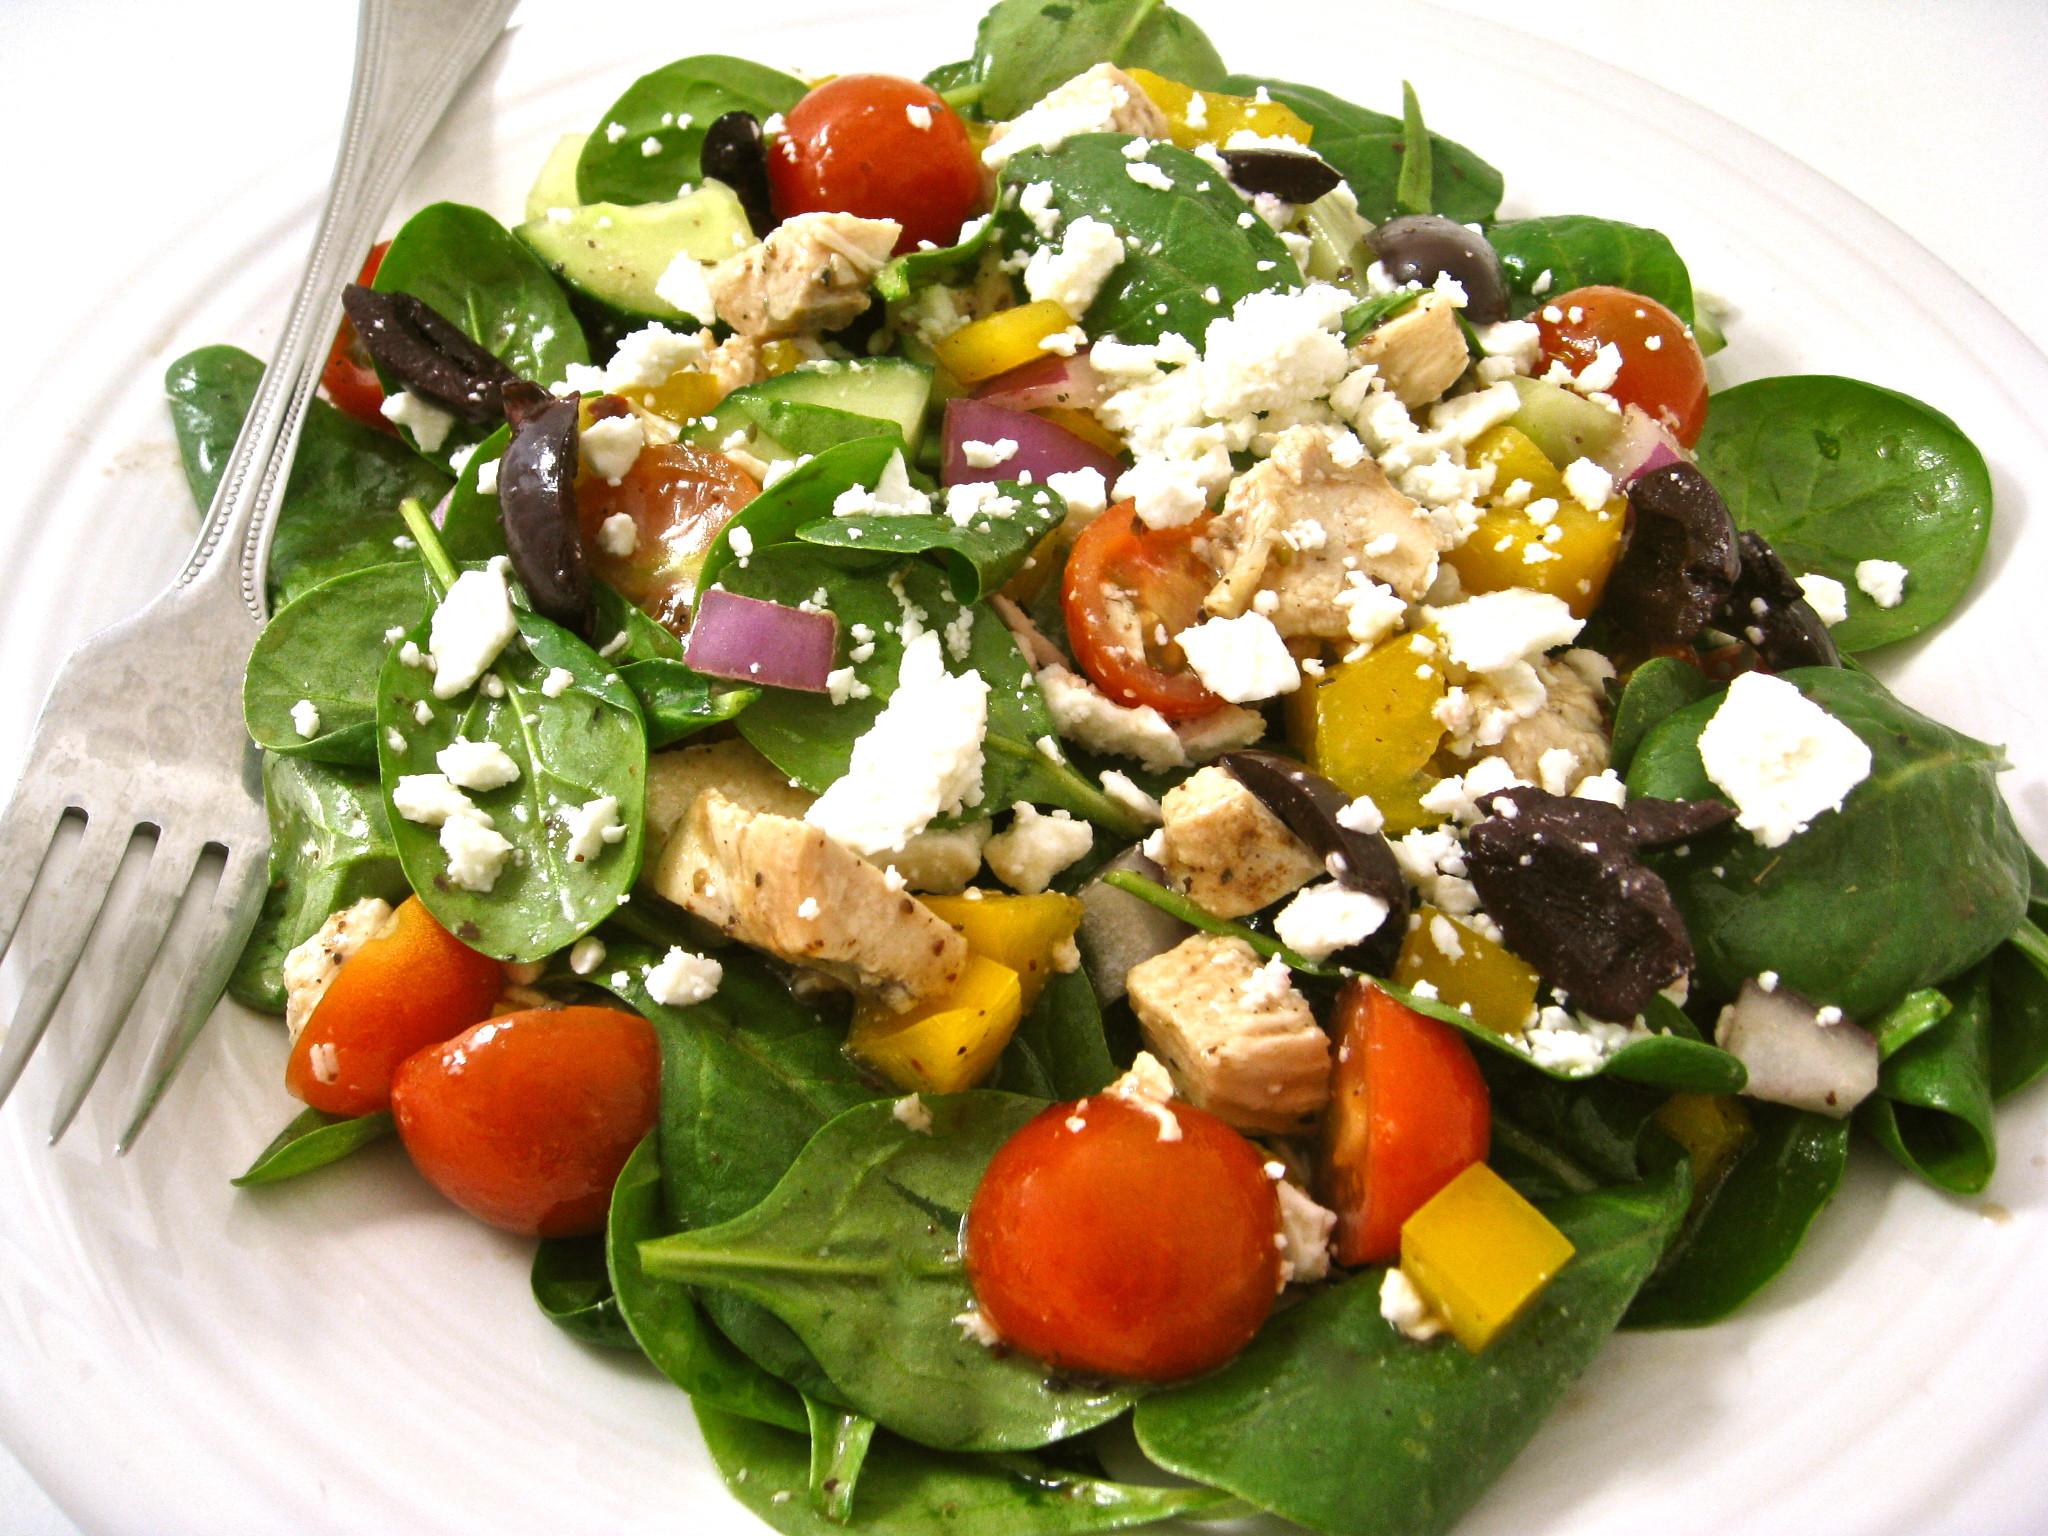 Chicken Spinach Salad  Skinny Greek Style Chicken Spinach Salad with Weight